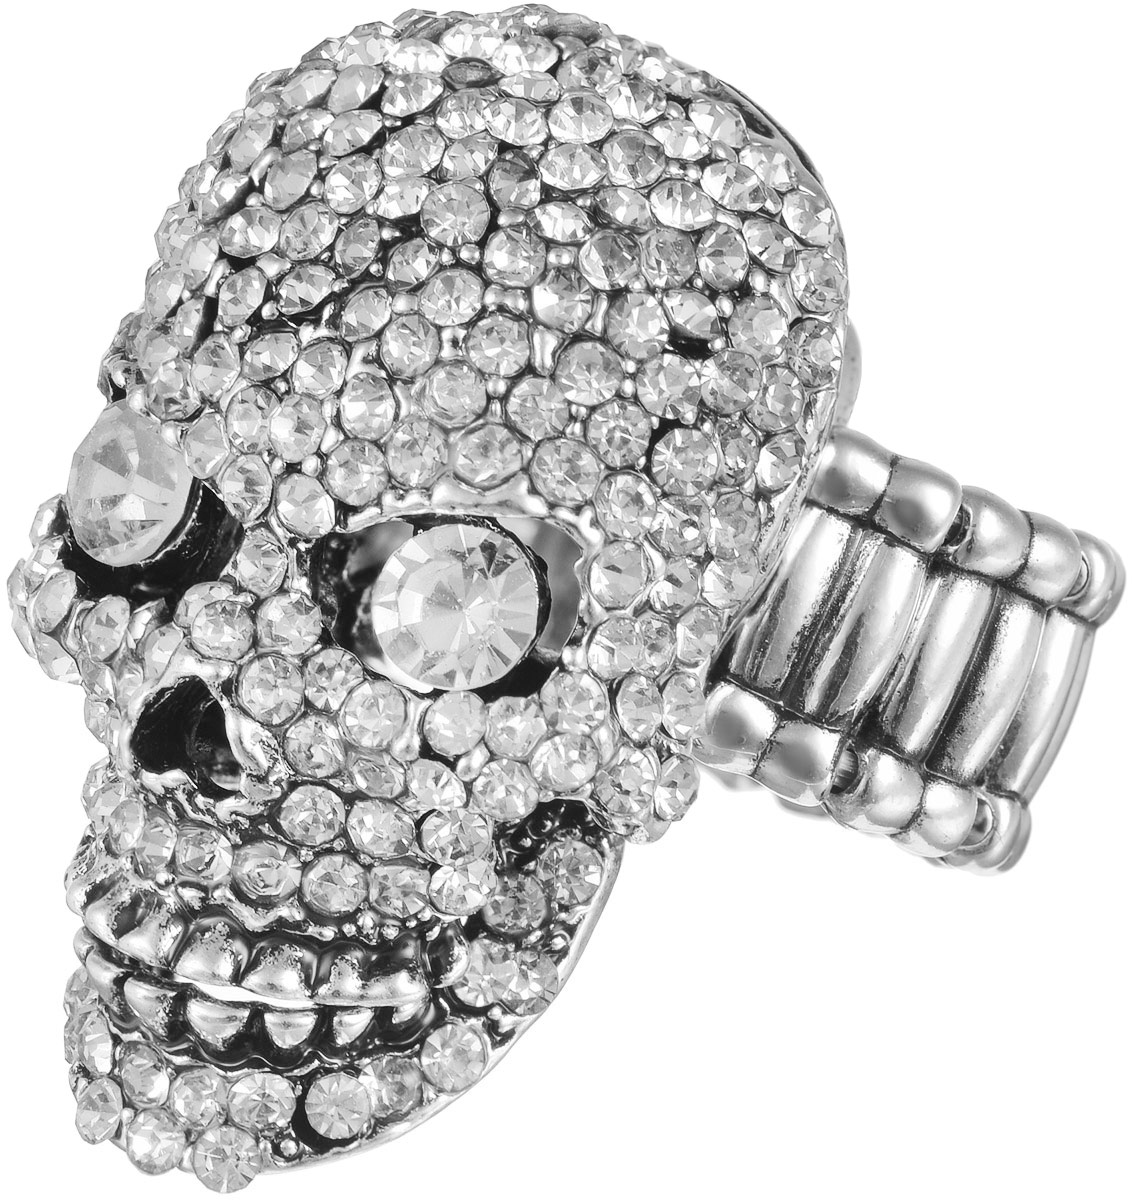 Кольцо женское Taya, цвет: серебристый. T-B-11620Коктейльное кольцоОригинальное безразмерное кольцо Taya выполнено из бижутерного сплава на основе латуни, оформлено в виде черепа и инкрустировано стразами. Нижняя челюсть подвижная, может открываться и закрываться. Регулируется кольцо с помощью эластичной резинки.Такое кольцо это блестящее завершение вашего неповторимого и смелого образа и отличный подарок для ценительницы необычных украшений!